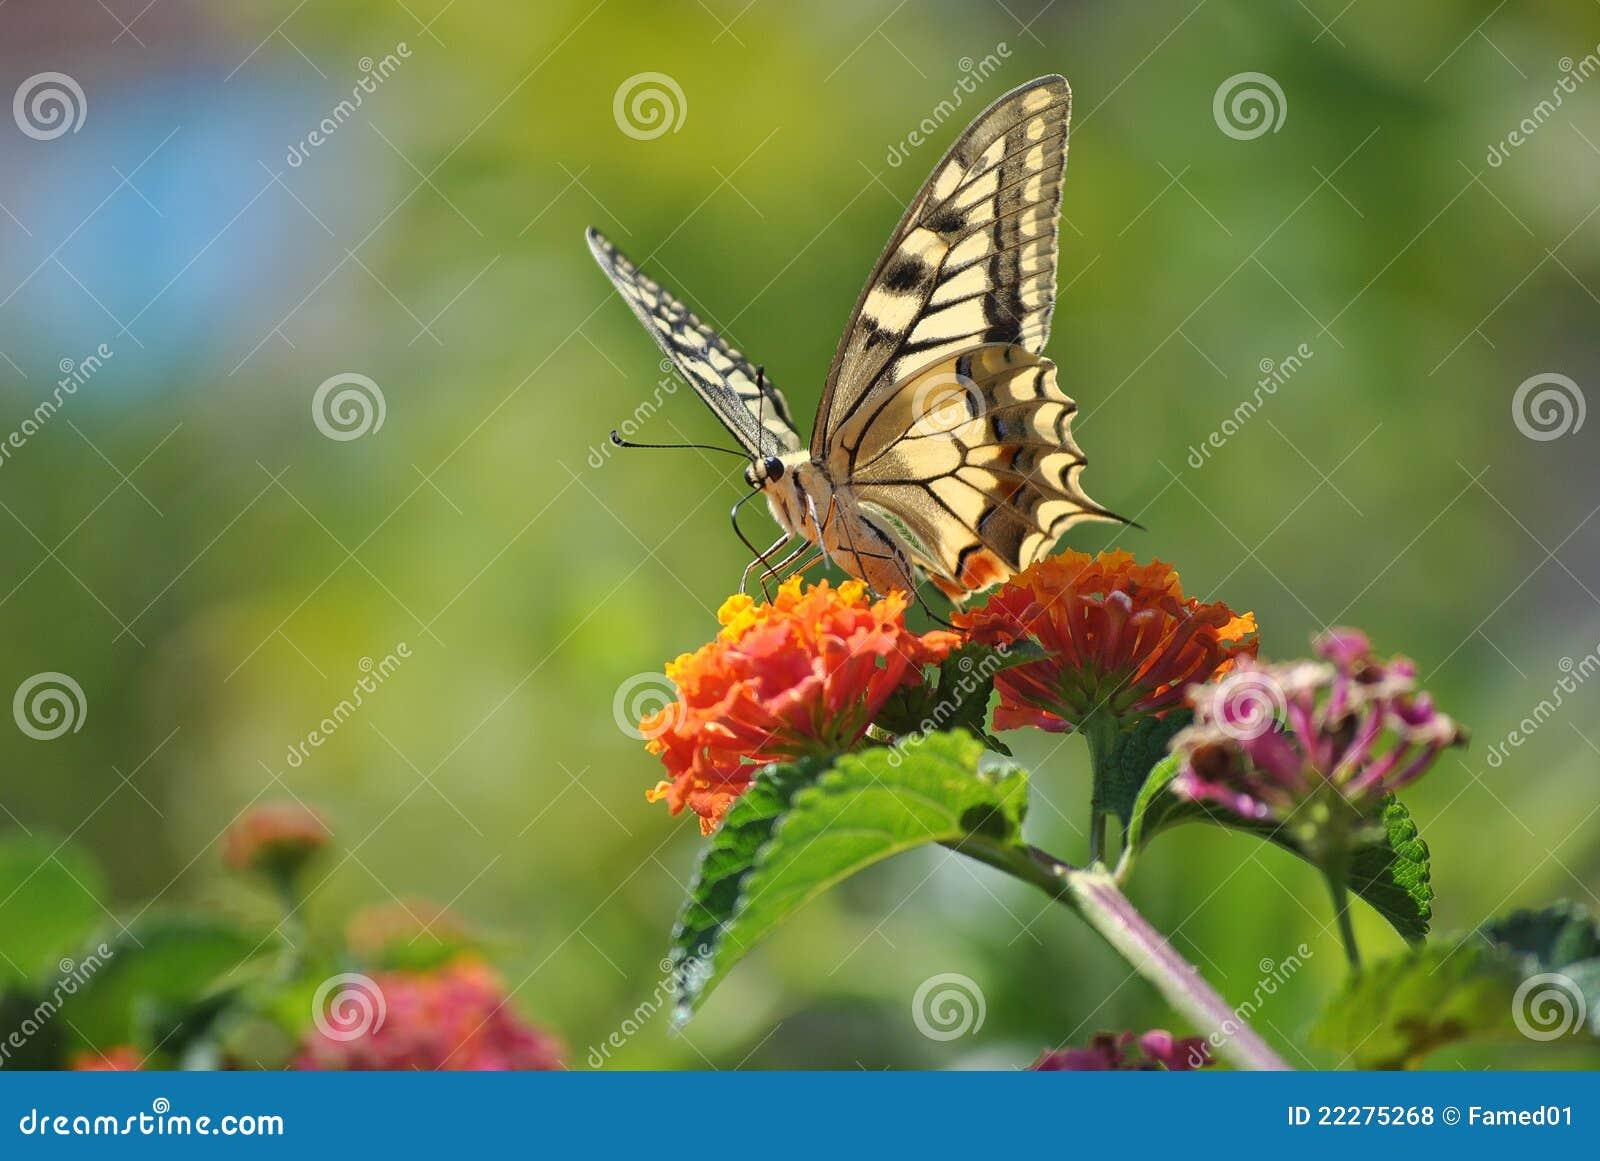 Colors of Sardinia - Papilio machaon